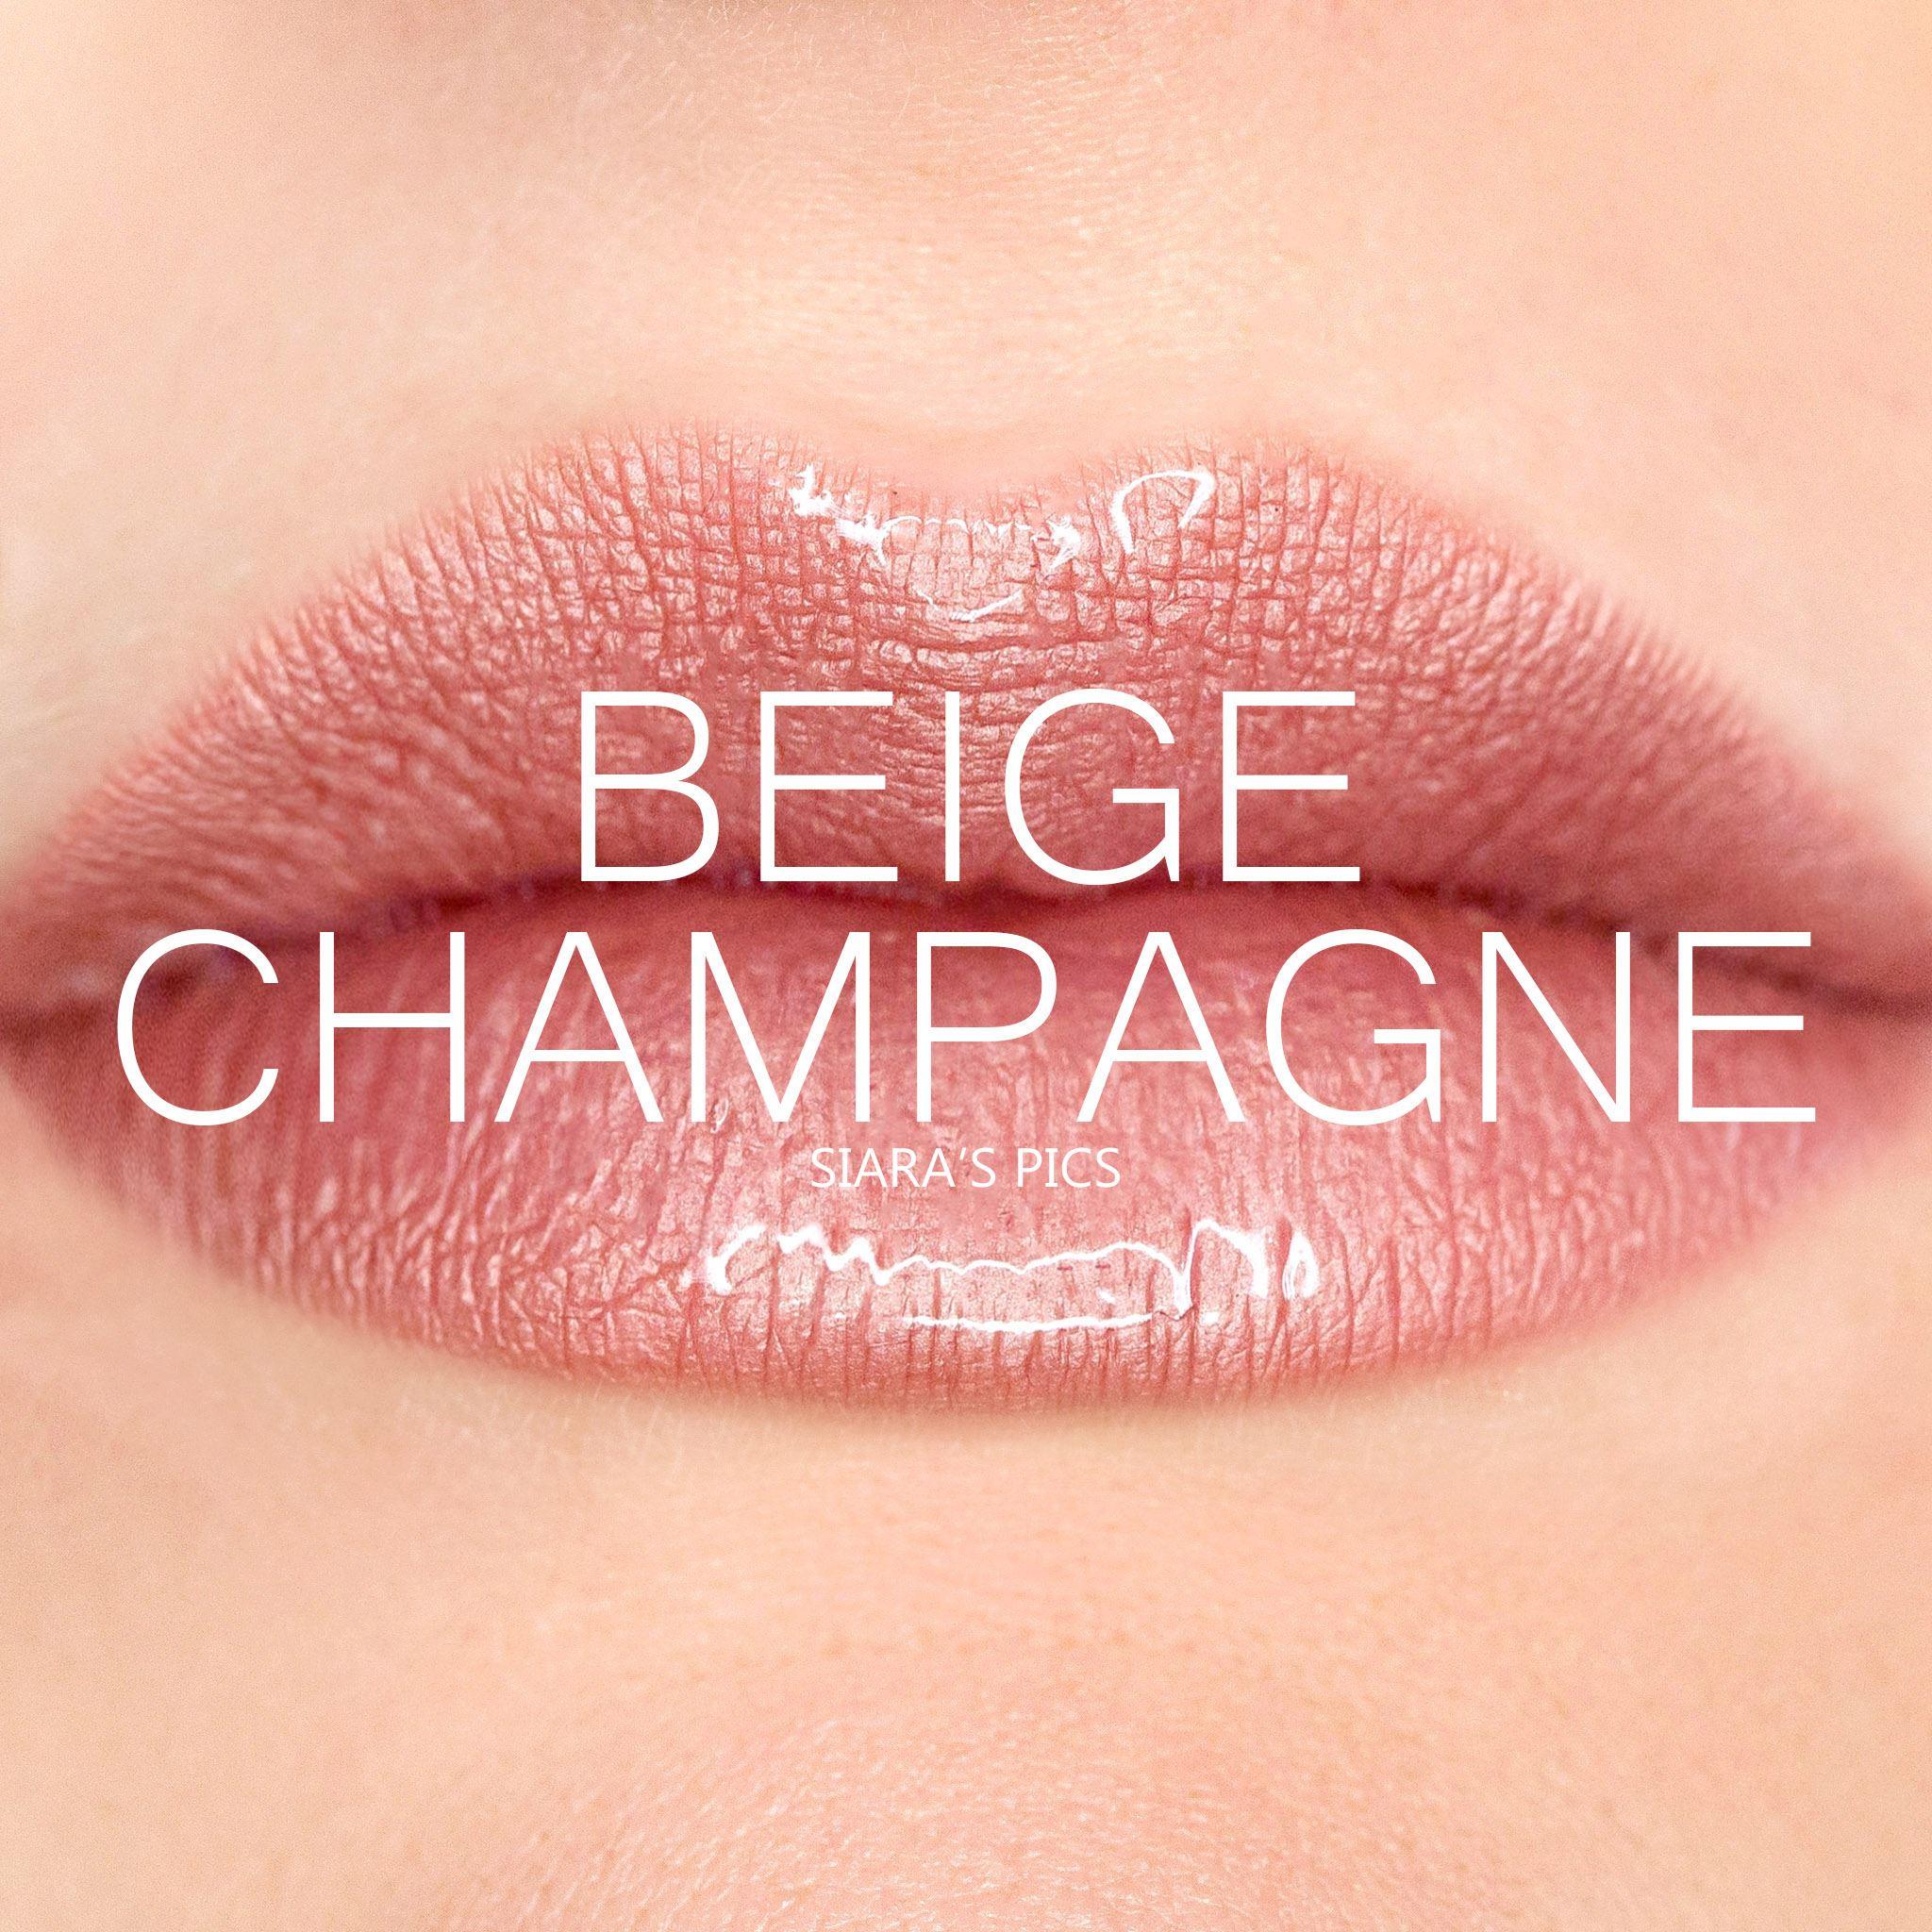 Beige Champagne.jpg